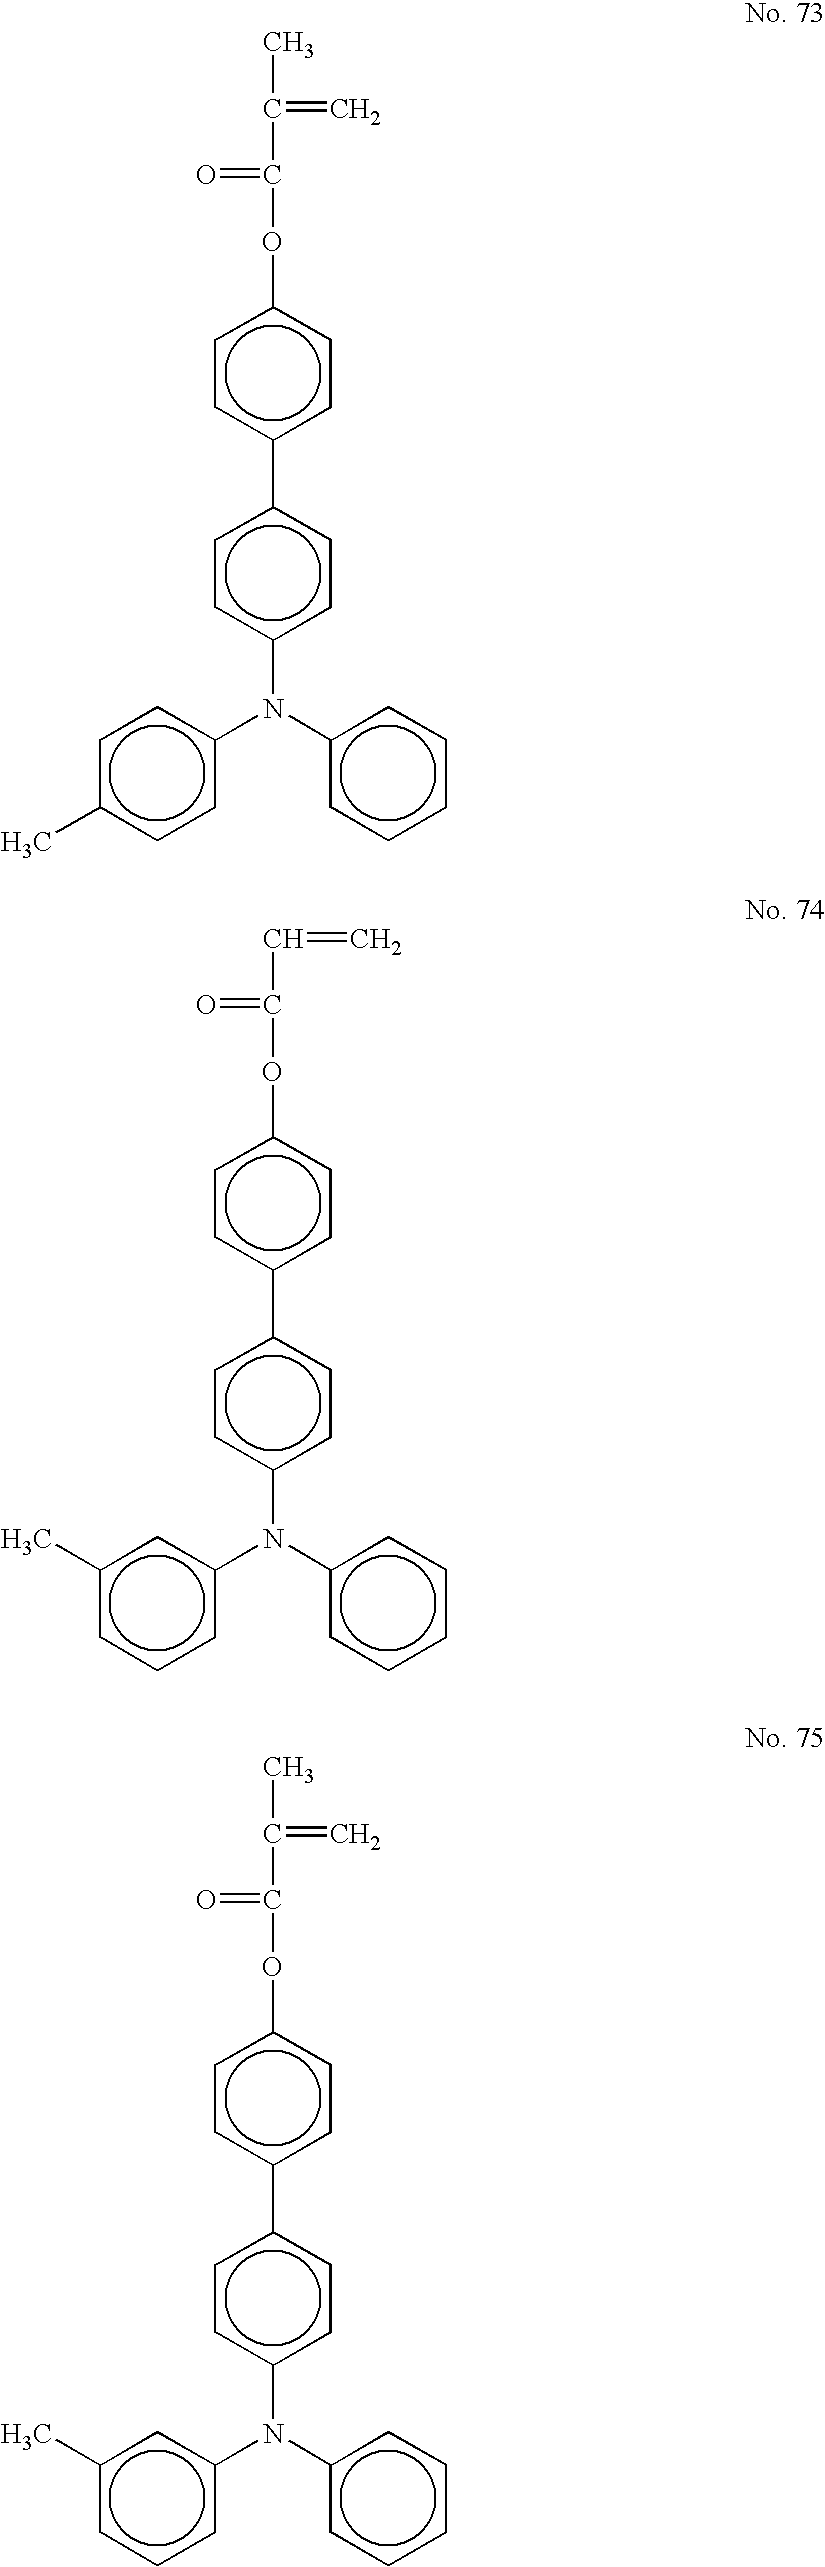 Figure US20050175911A1-20050811-C00026